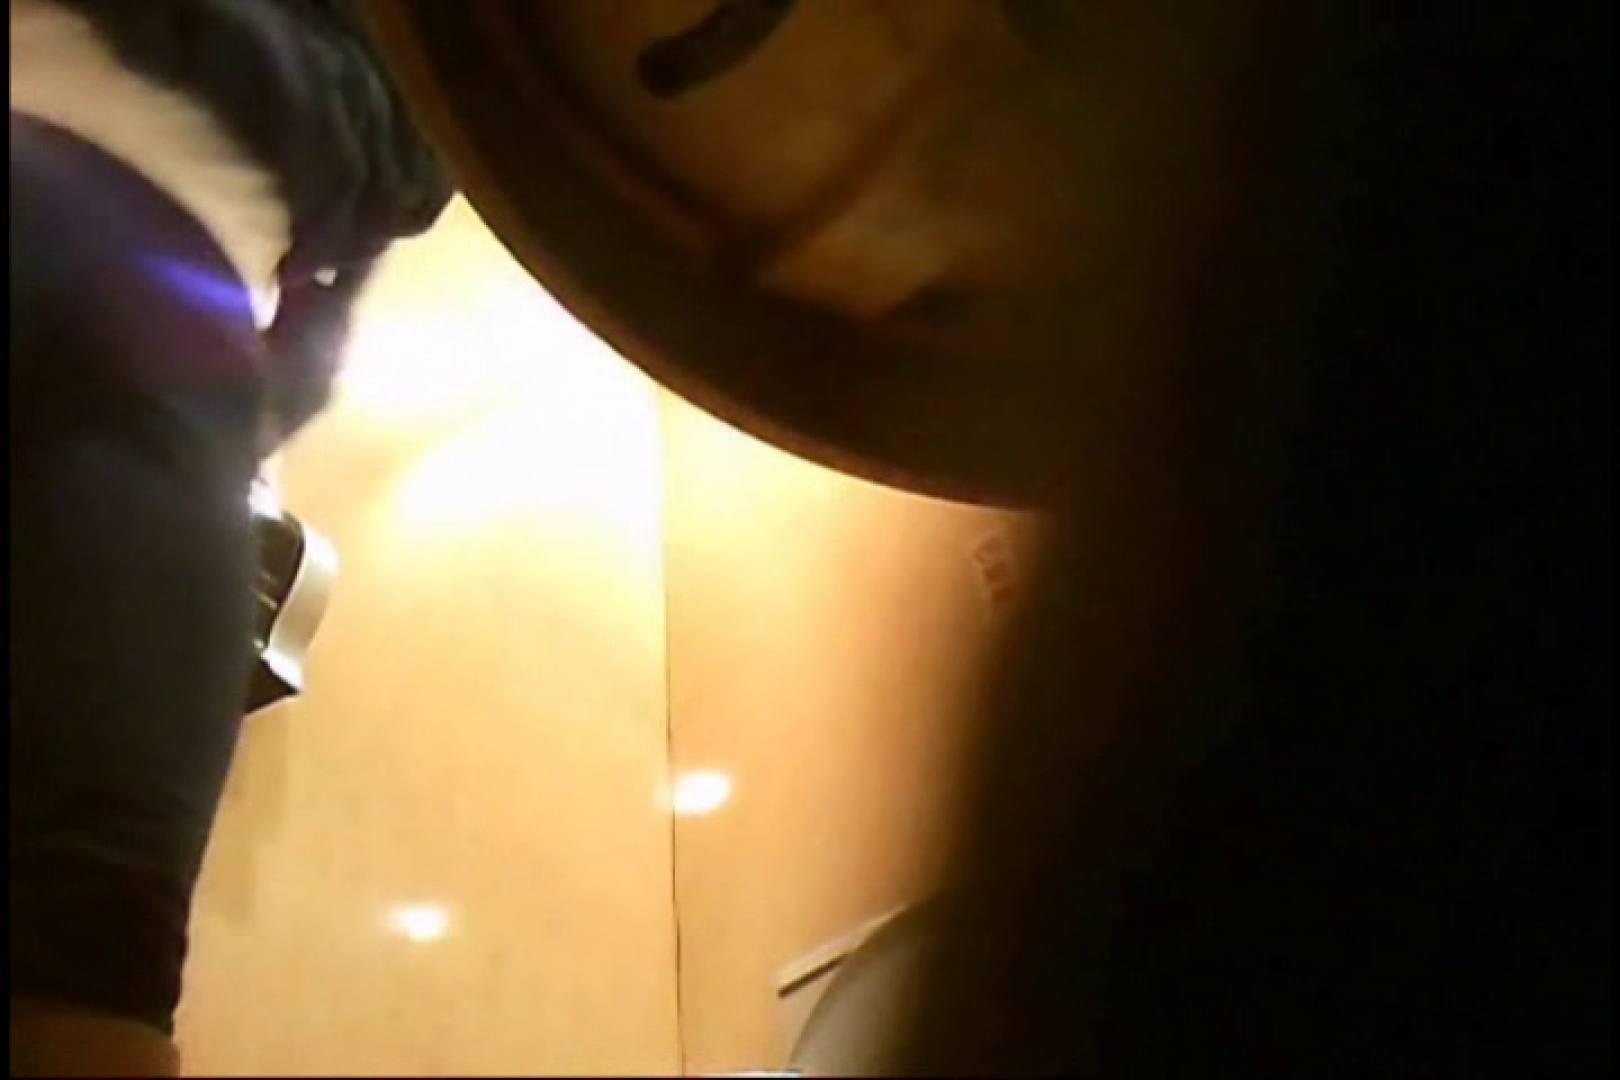 画質向上!新亀さん厠 vol.09 厠の中で AV無料動画キャプチャ 11枚 4